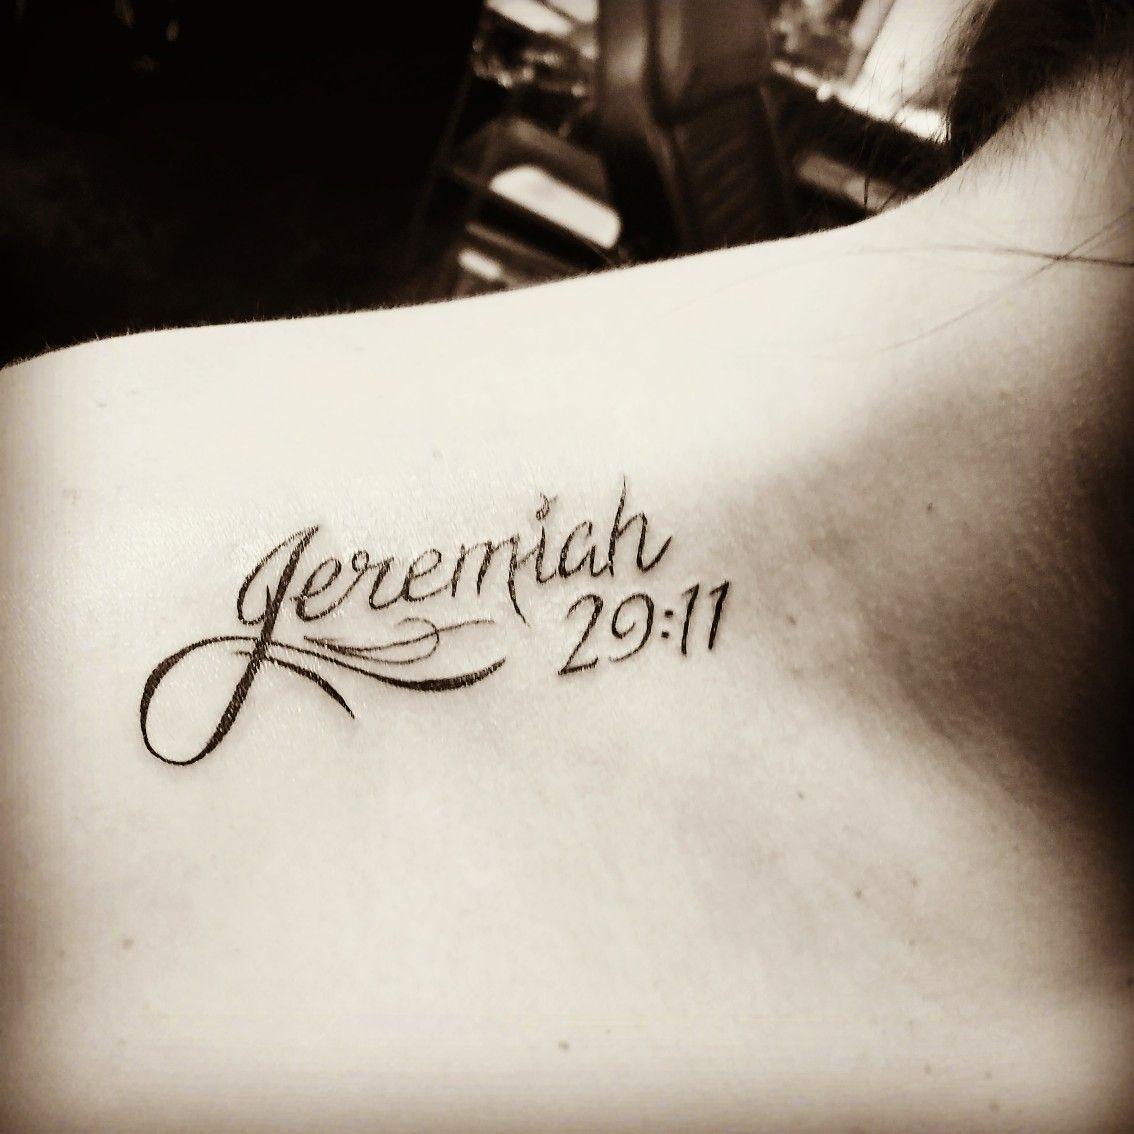 Jeremiah 2911 Tattoo Shoulder Ink Tattoos Shoulder Tattoo